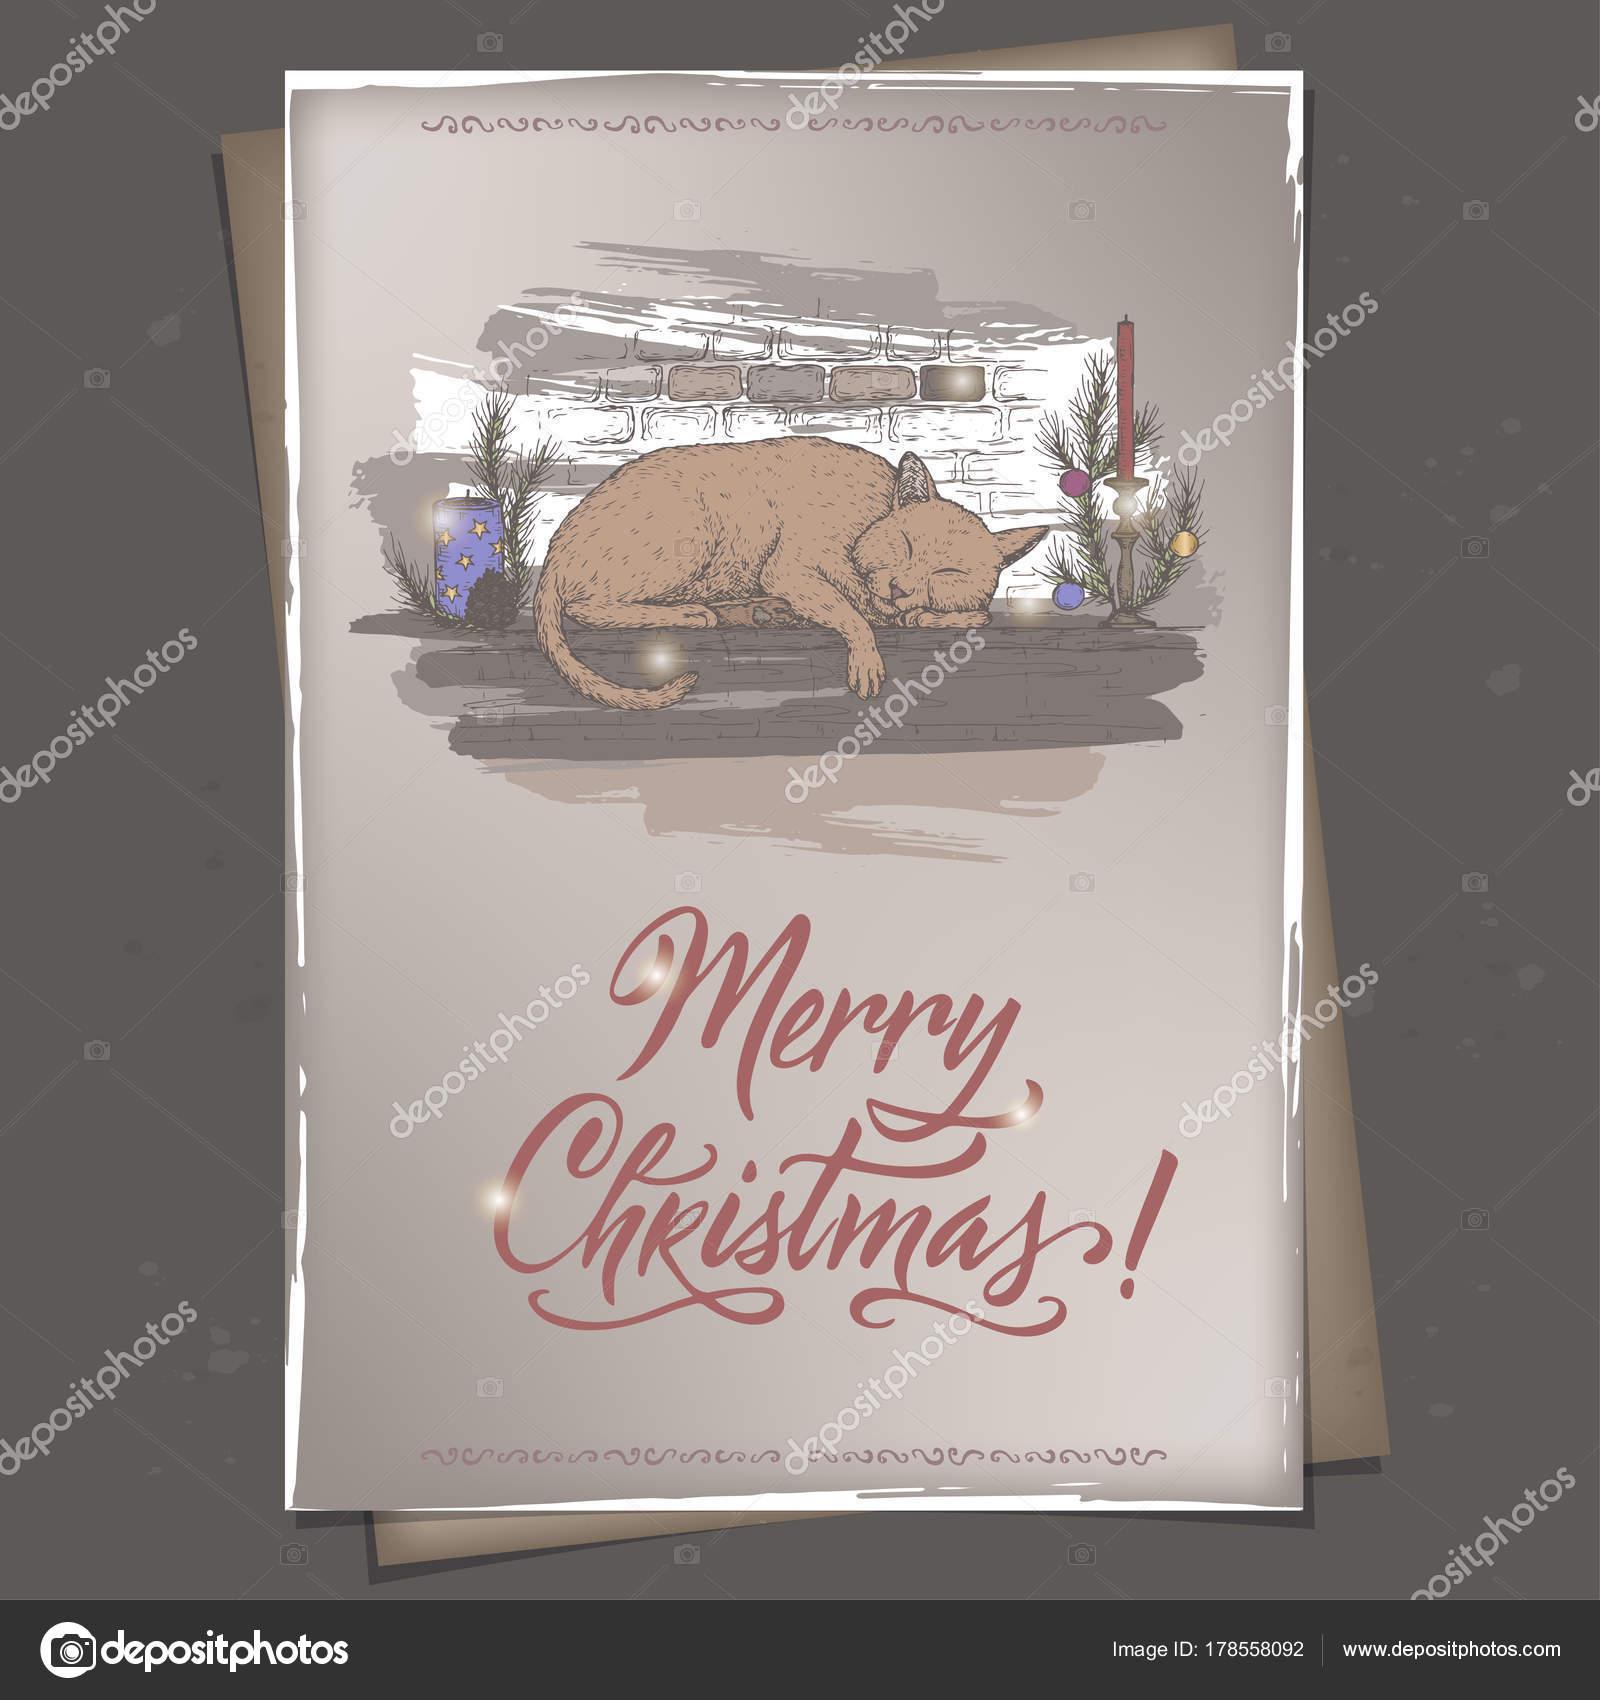 Vintage Farbe A4 Format Weihnachtskarte Mit Katze Schläft Auf Dekoriert  Kamin Kaminsimses Und Urlaub